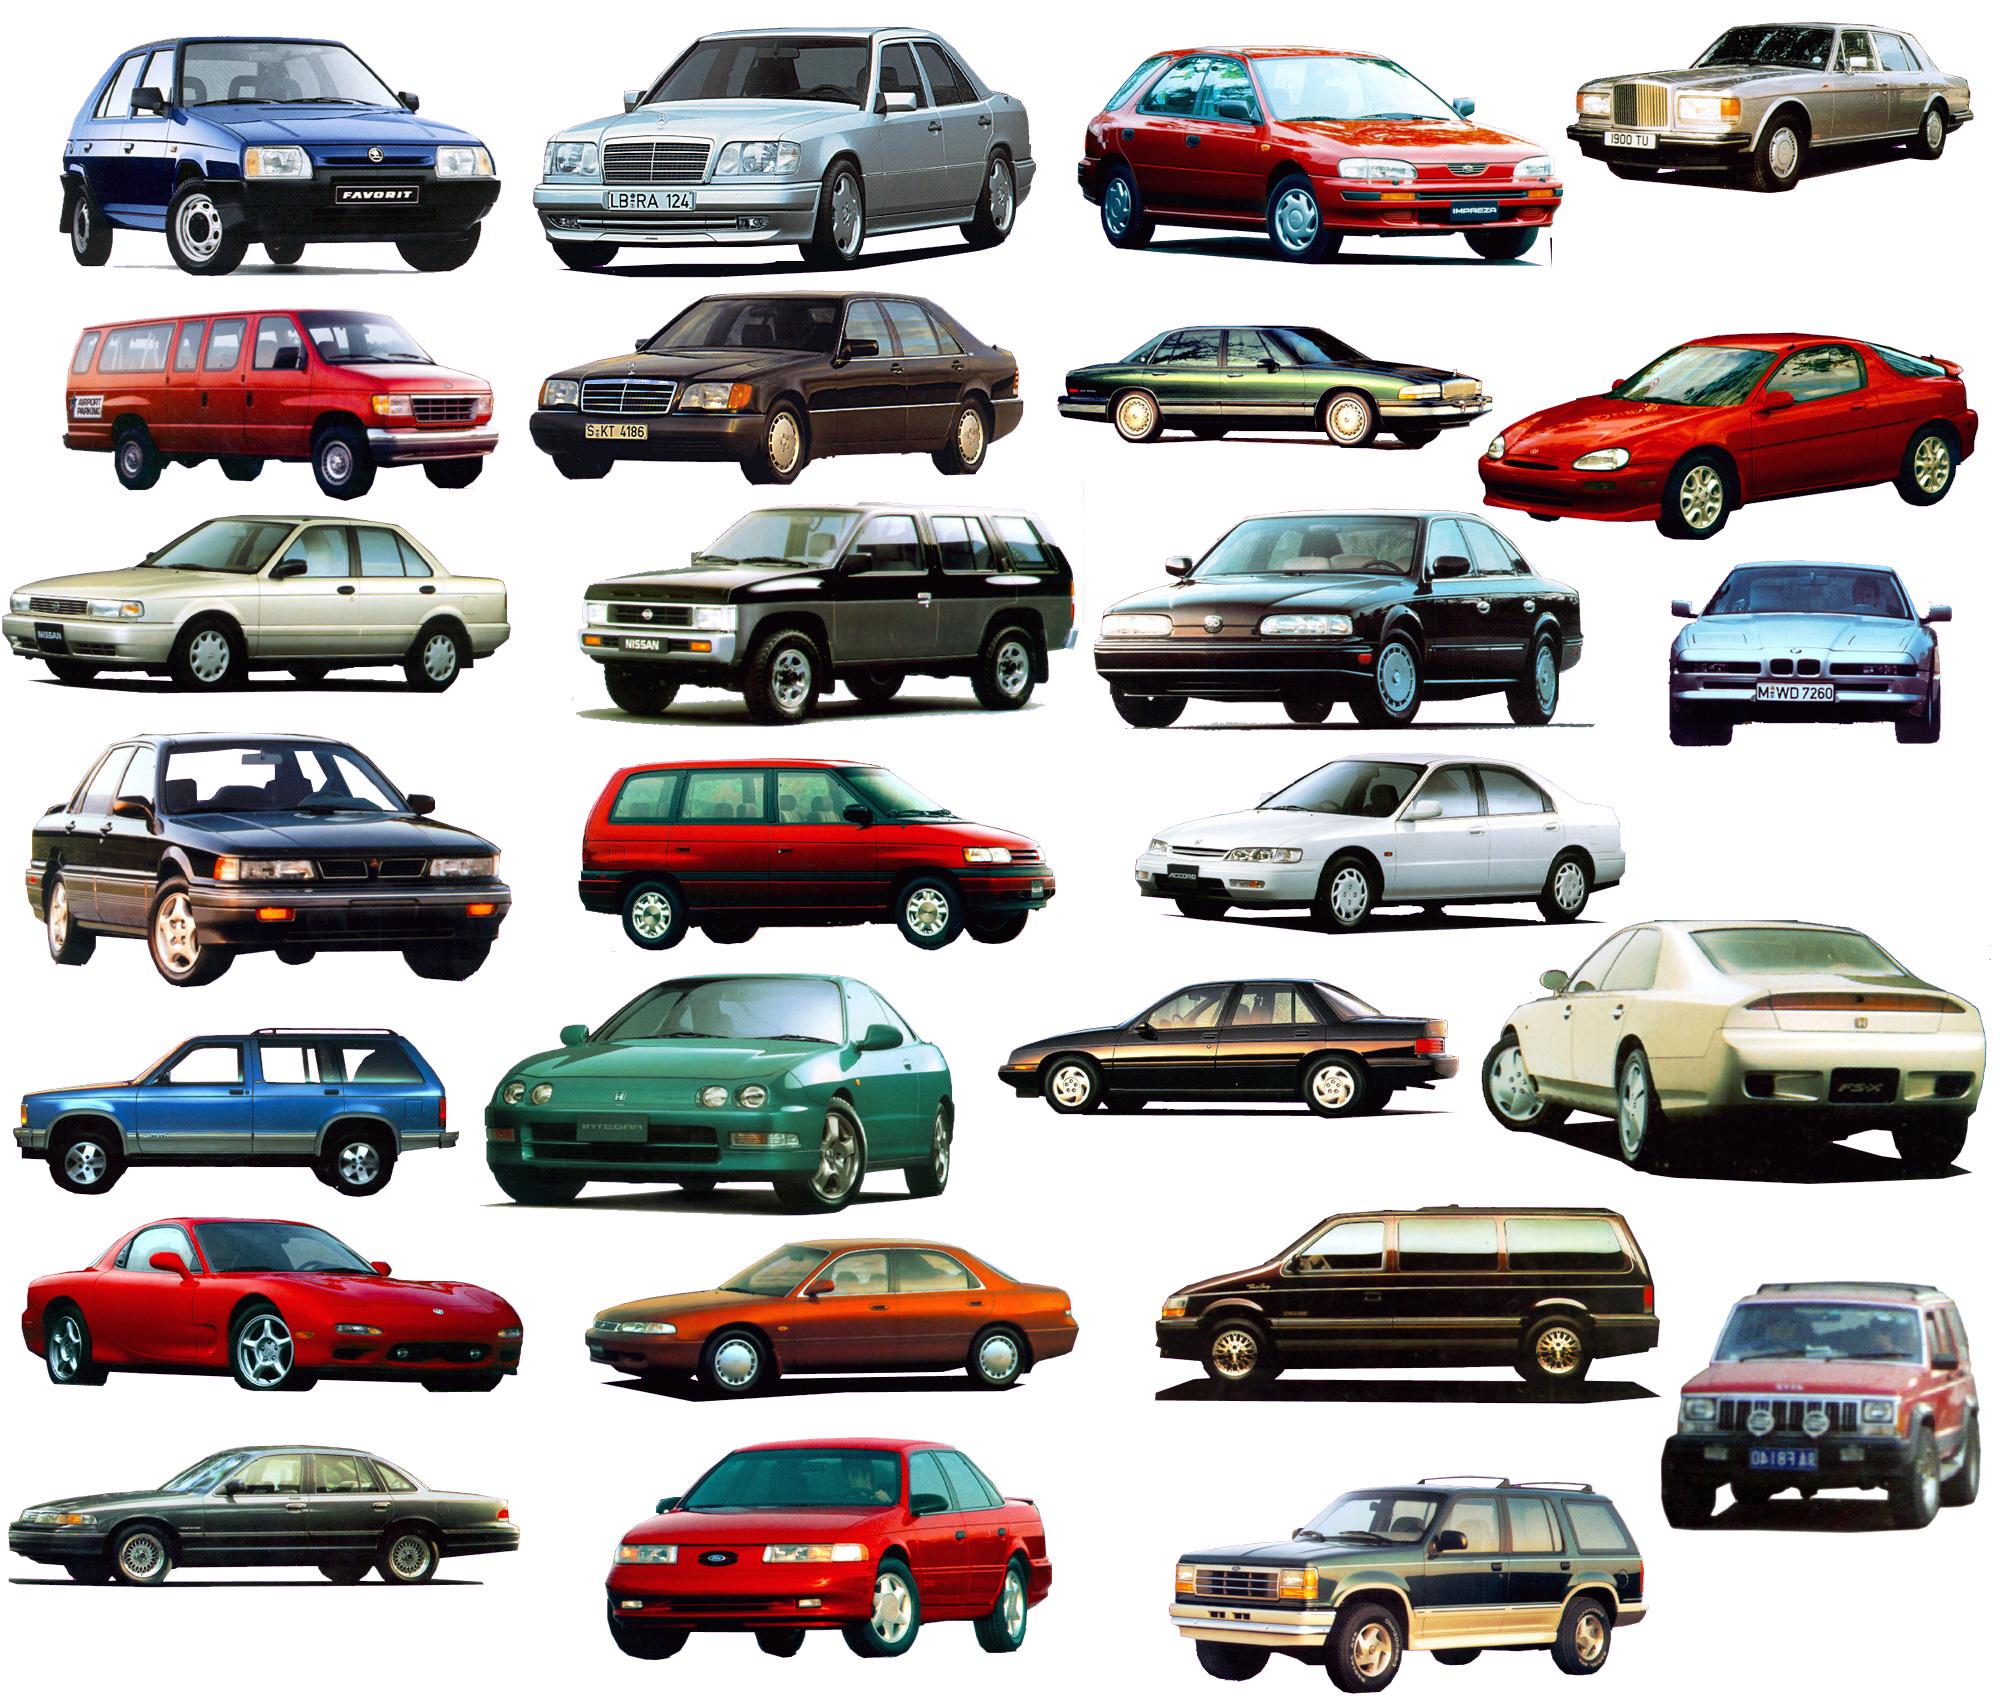 小汽车图集